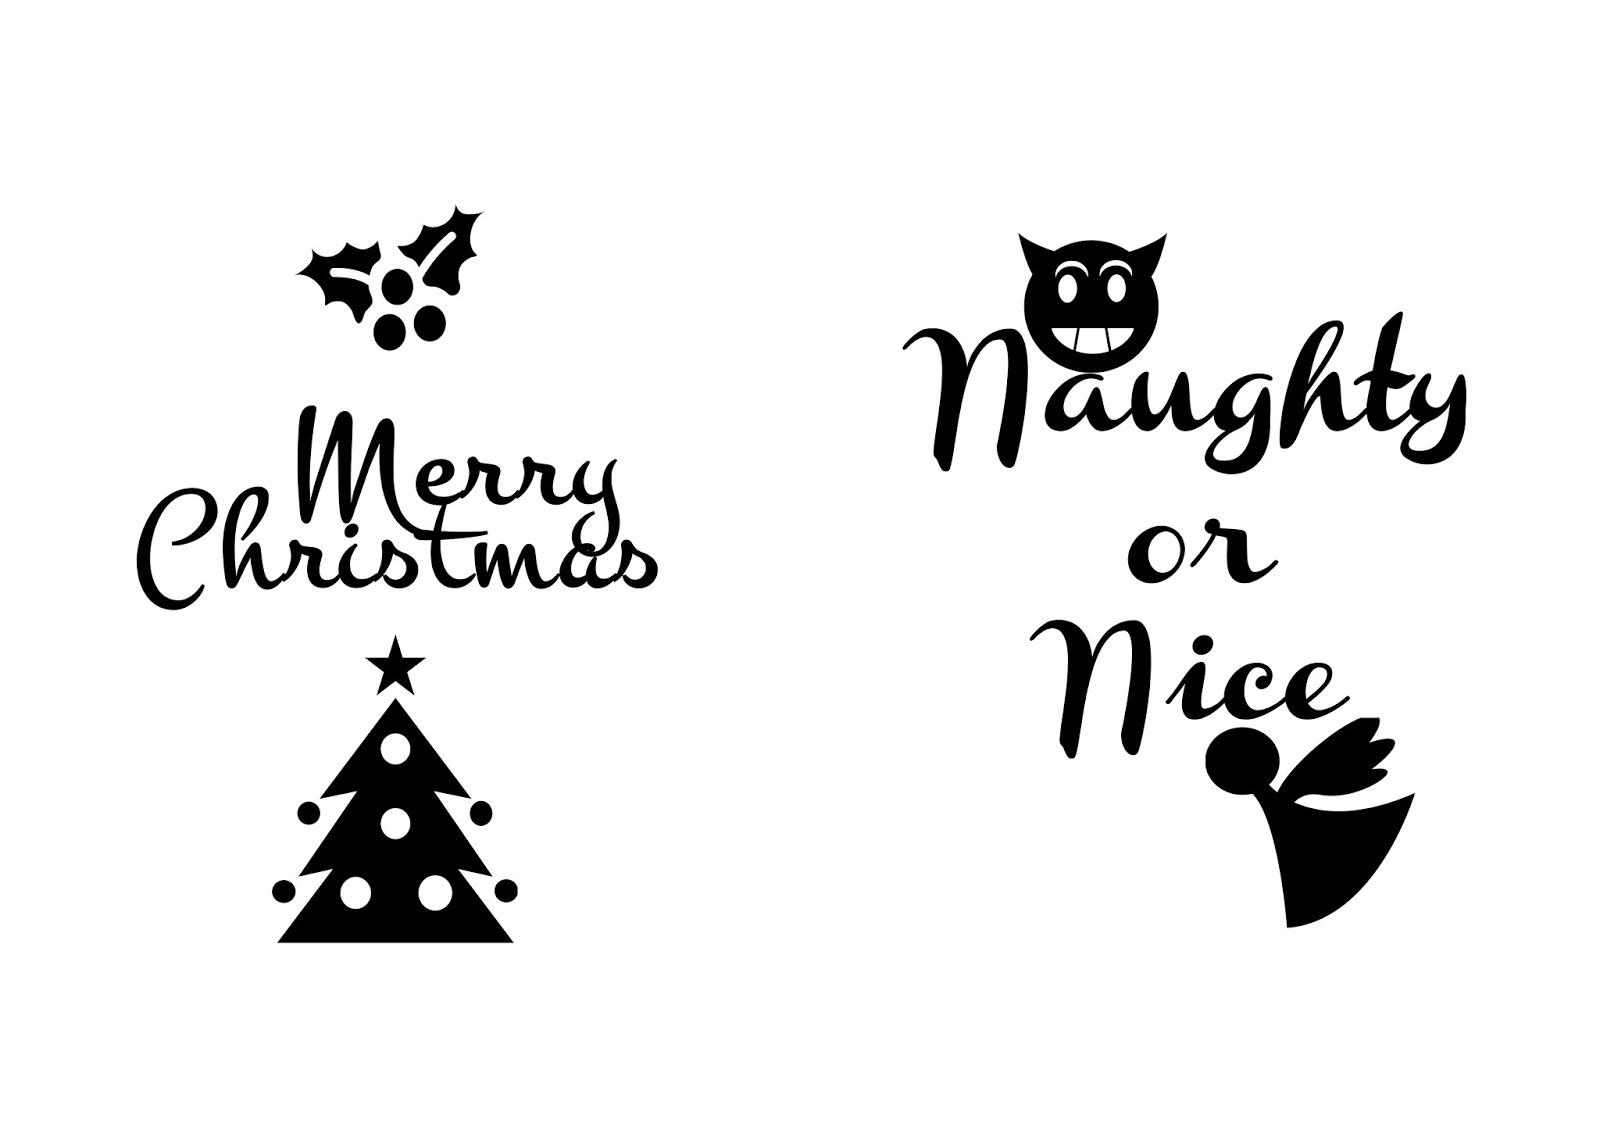 świąteczne Plakaty Do Druku Rozaneczka